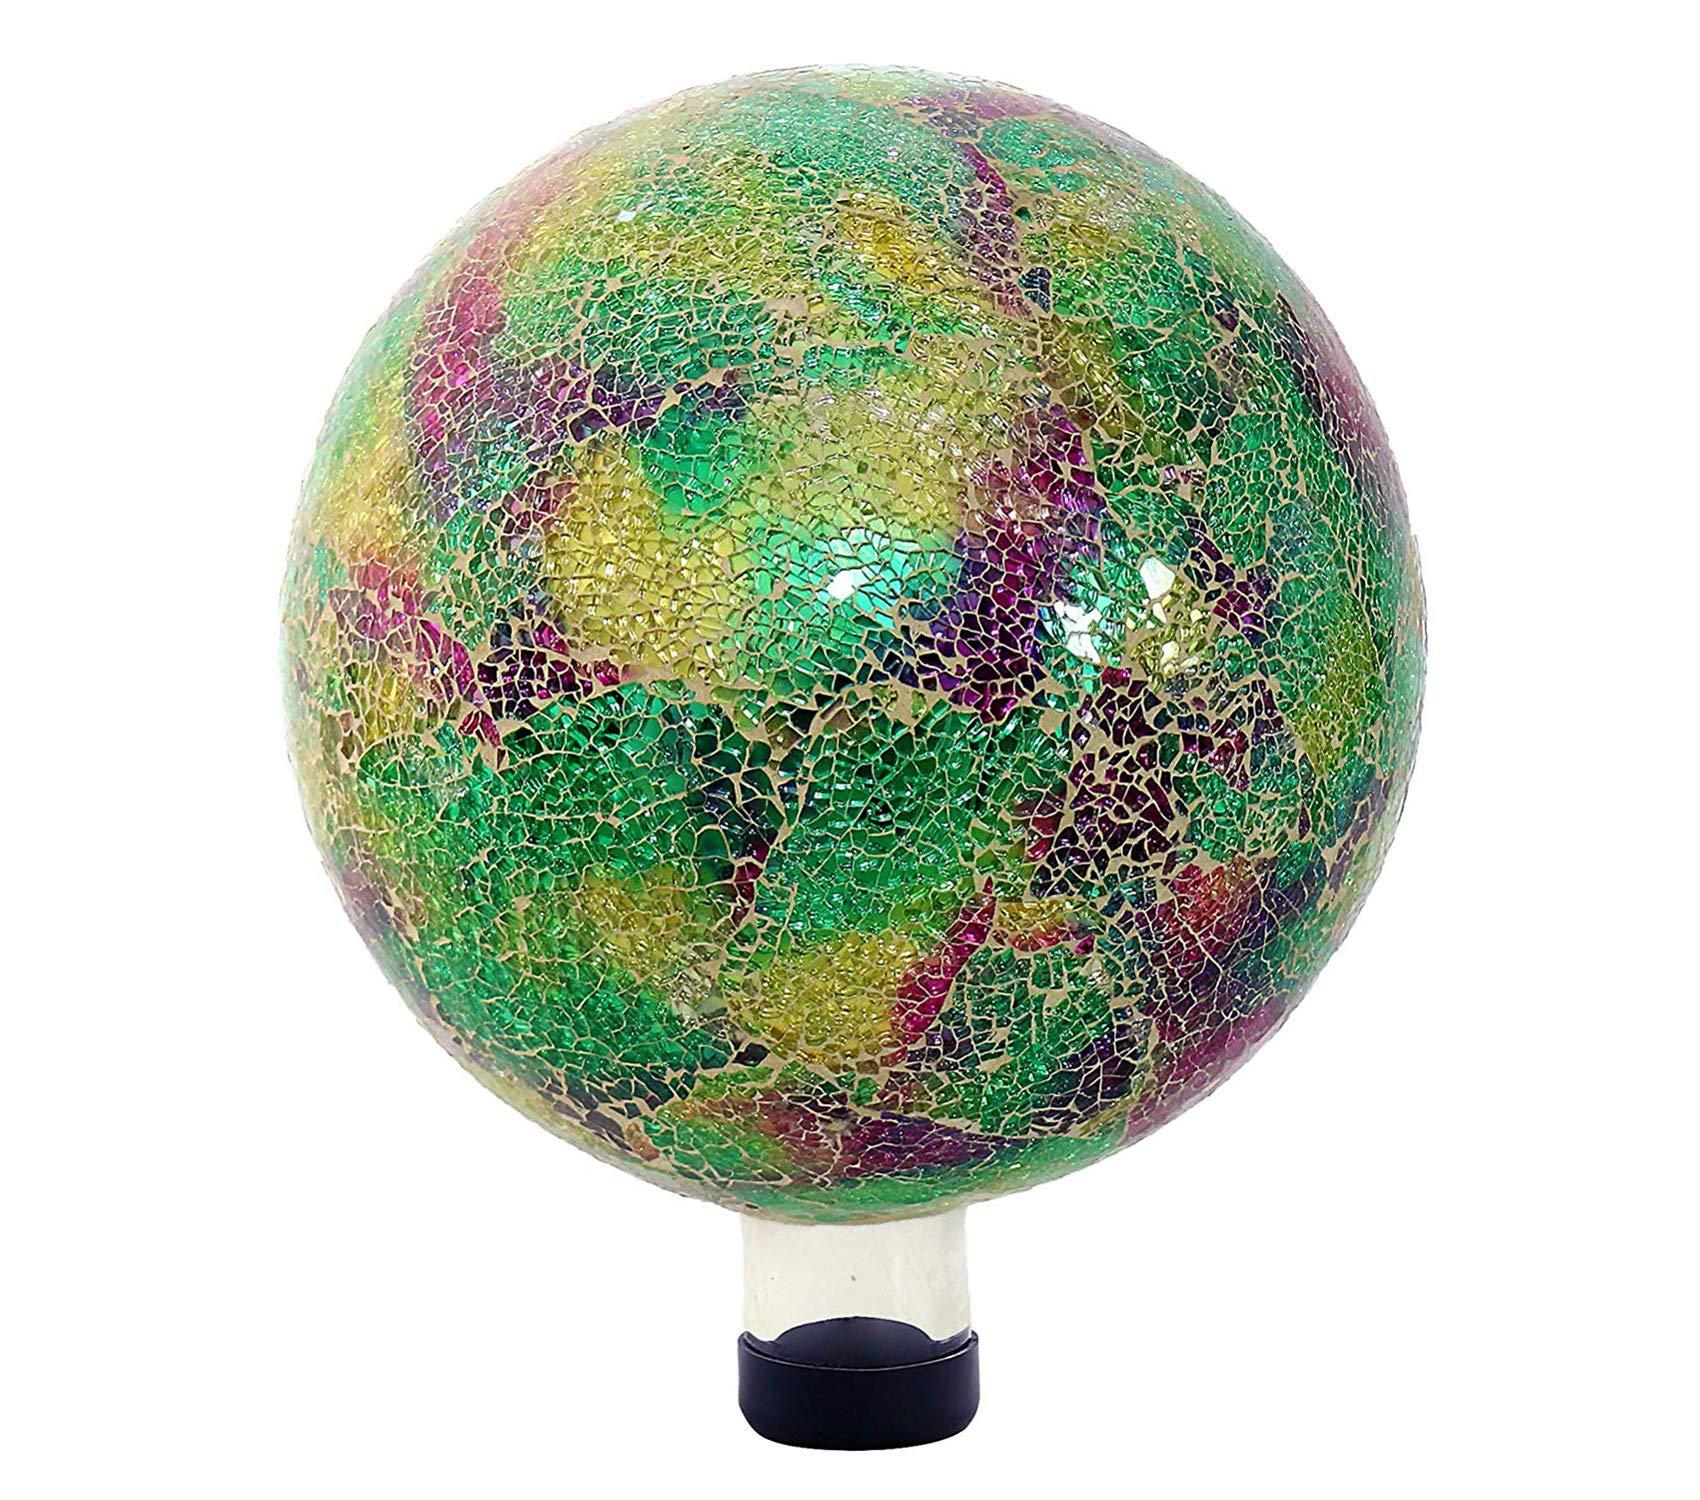 Outdoor Garden Backyard Décor Mosaic Gazing Globe, 11 Inch Tall Multi-Color by Garden Décor (Image #1)